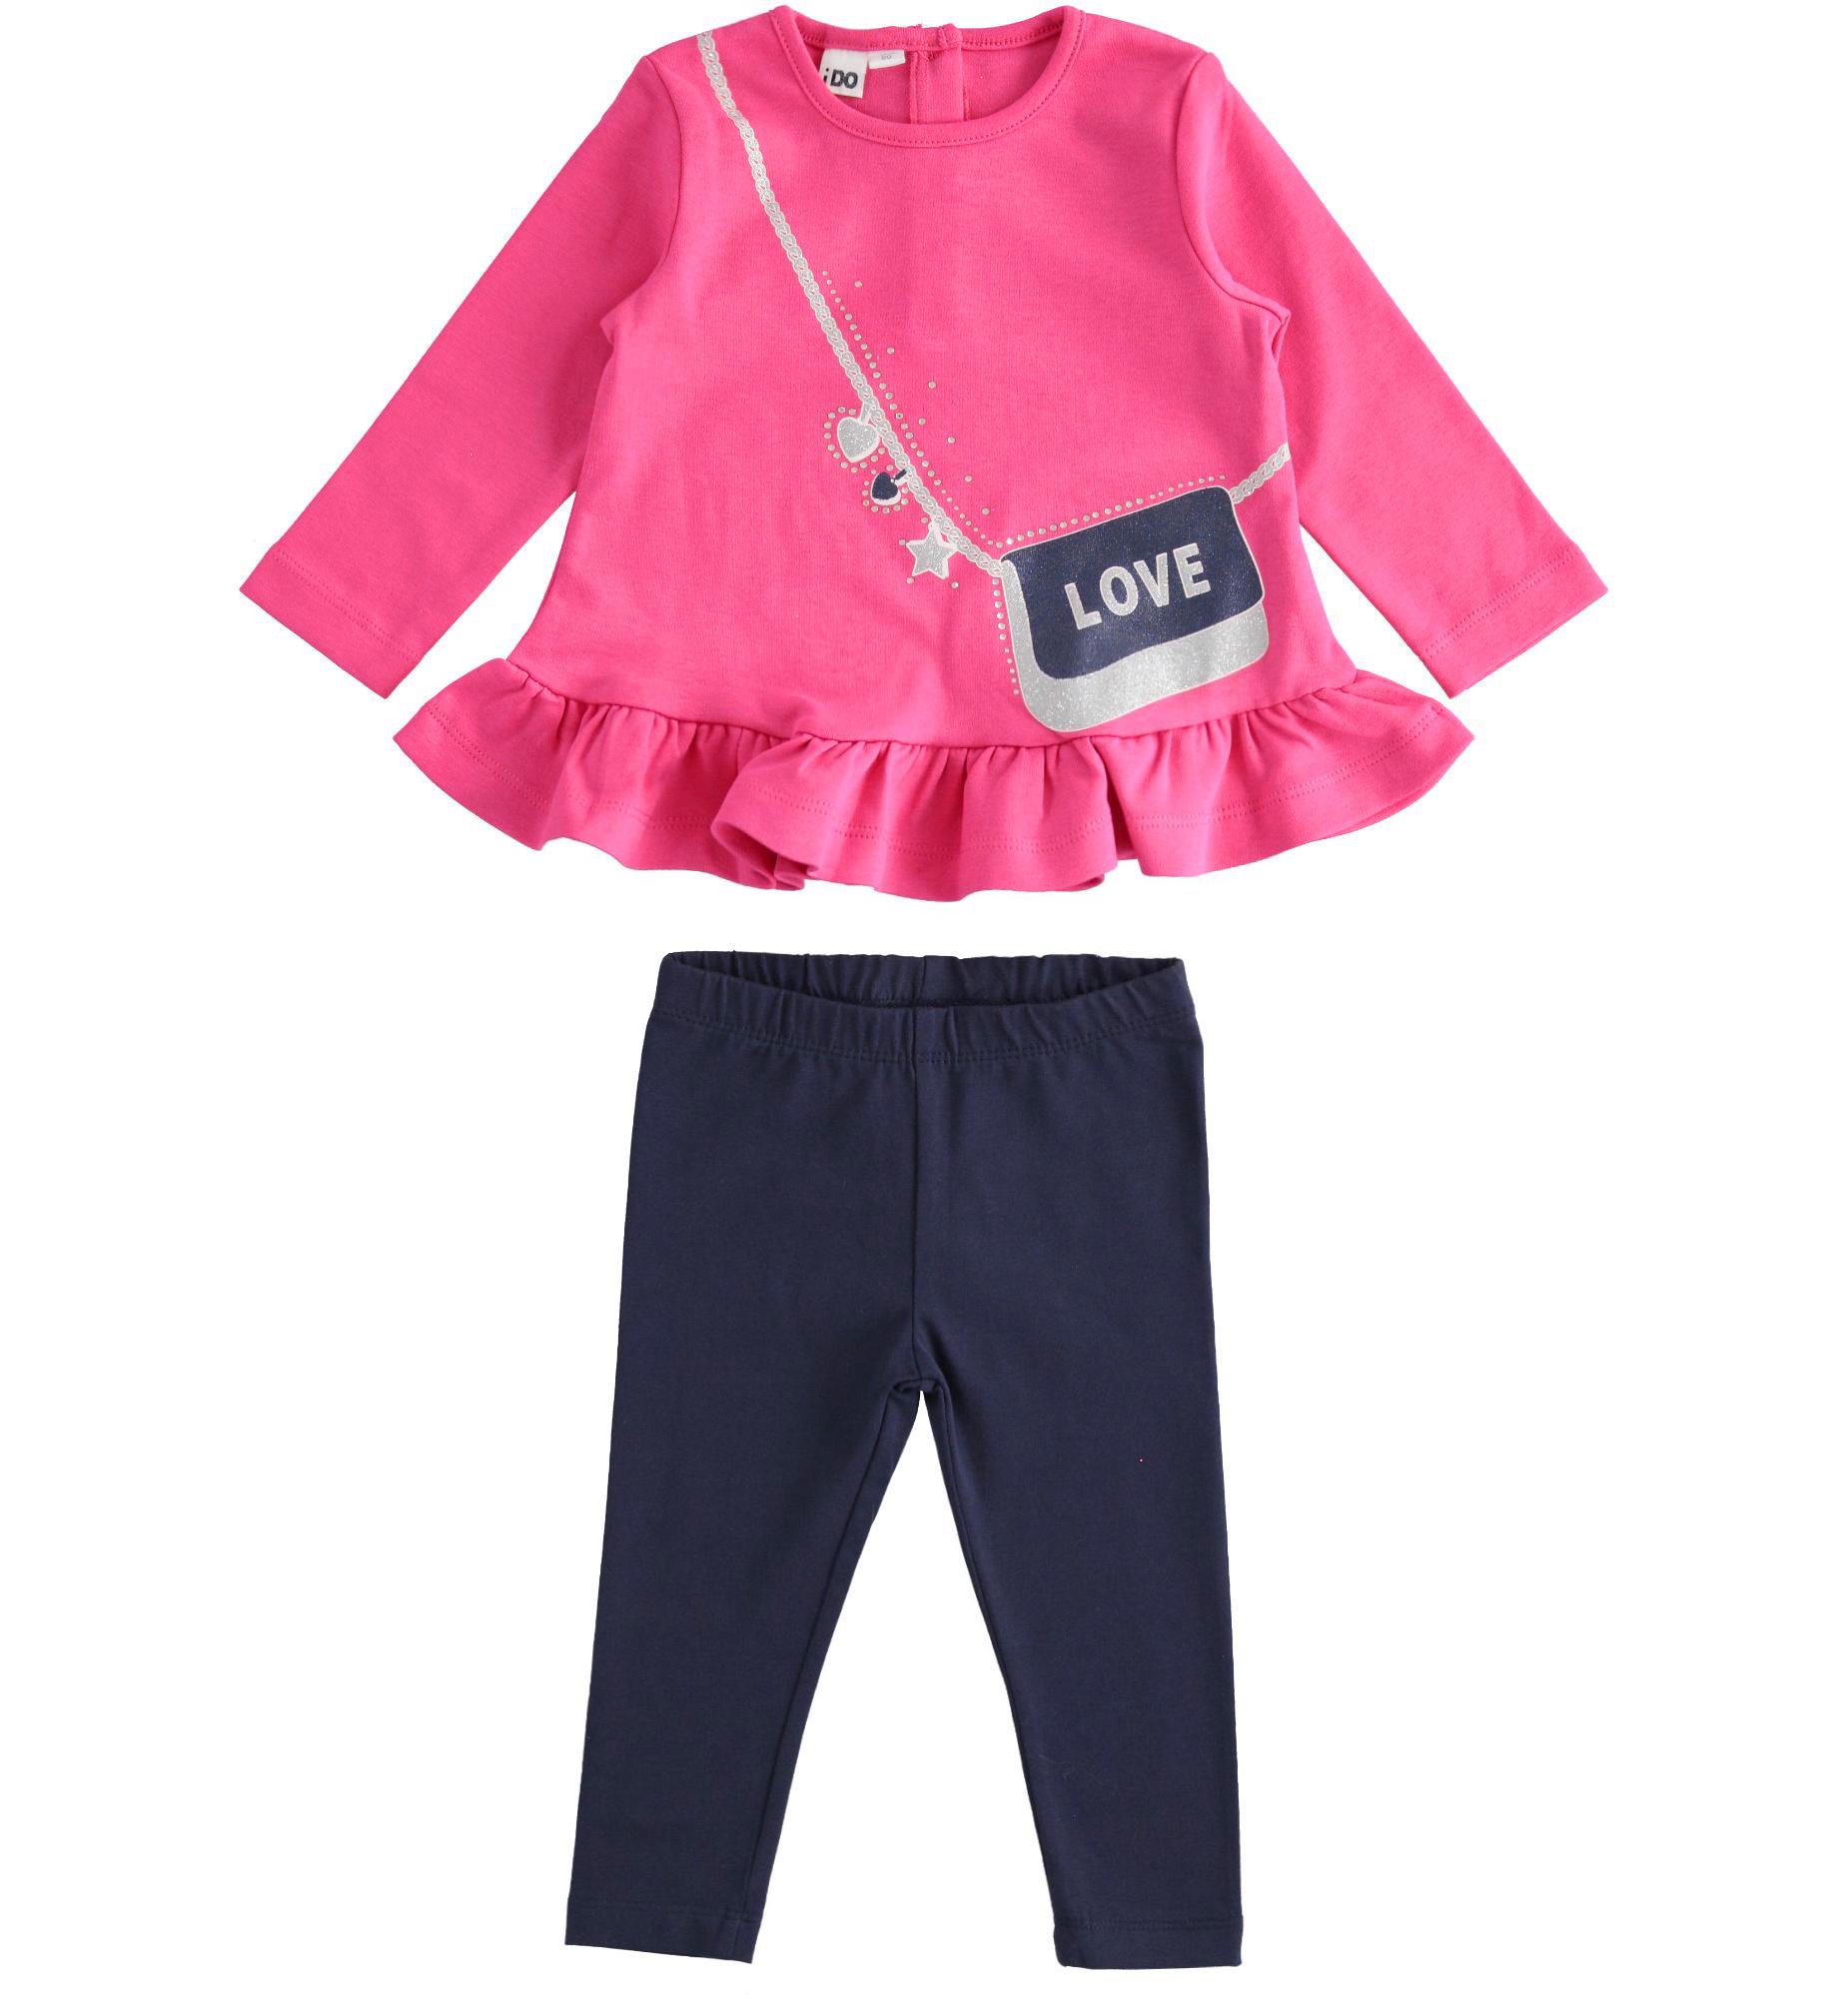 Ido iDO Girls Legging Set - 43555